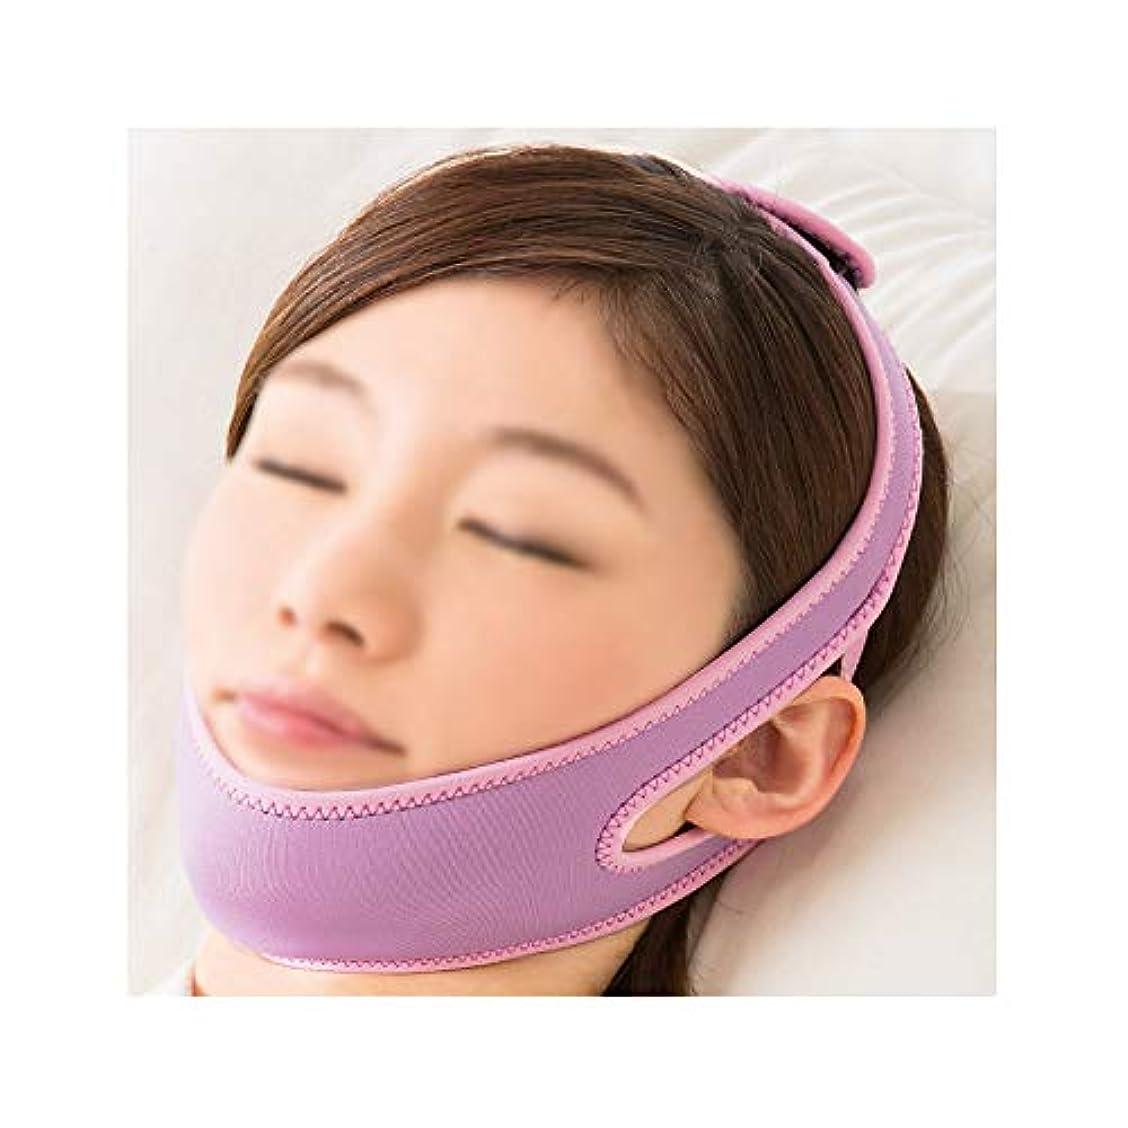 スプーン摘む割れ目フェイシャルマスク、フェイスリフティングアーティファクトフェイスマスク垂れ下がり面付きVフェイス包帯通気性スリーピングフェイスダブルチンチンセット睡眠弾性スリミングベルト